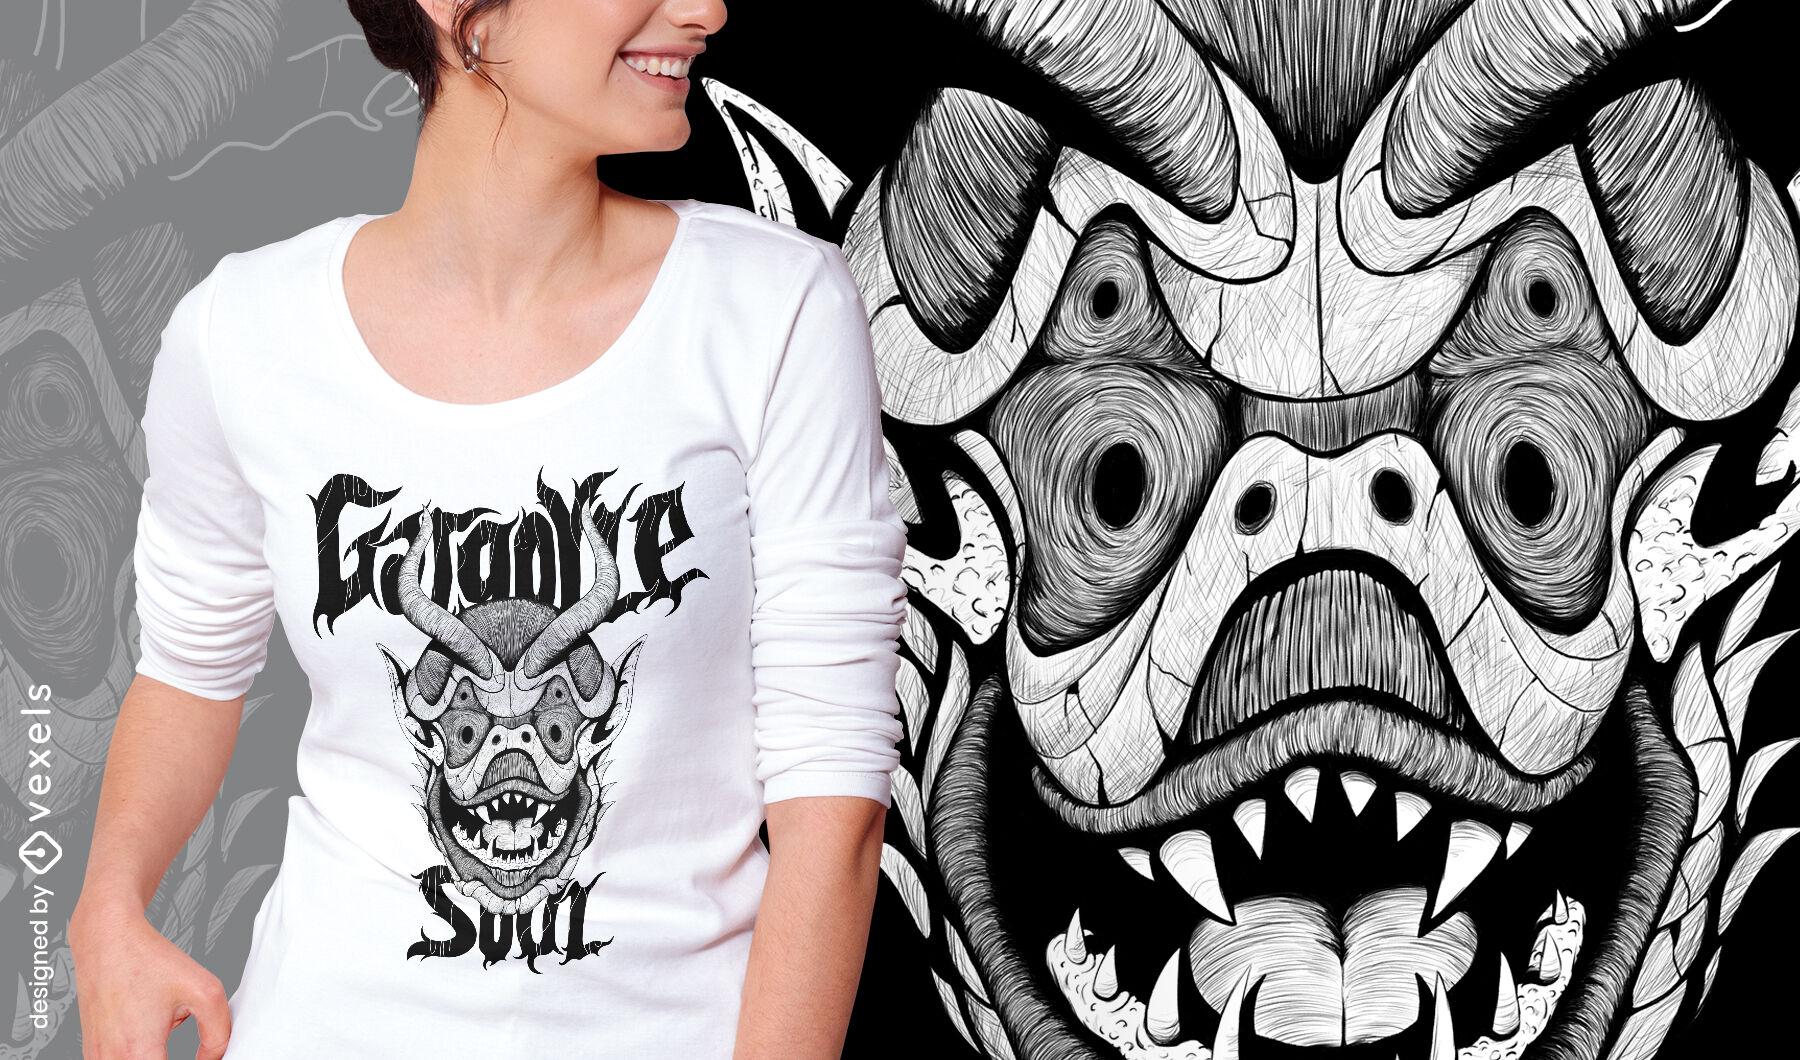 Gargoyle monster hand drawn t-shirt psd